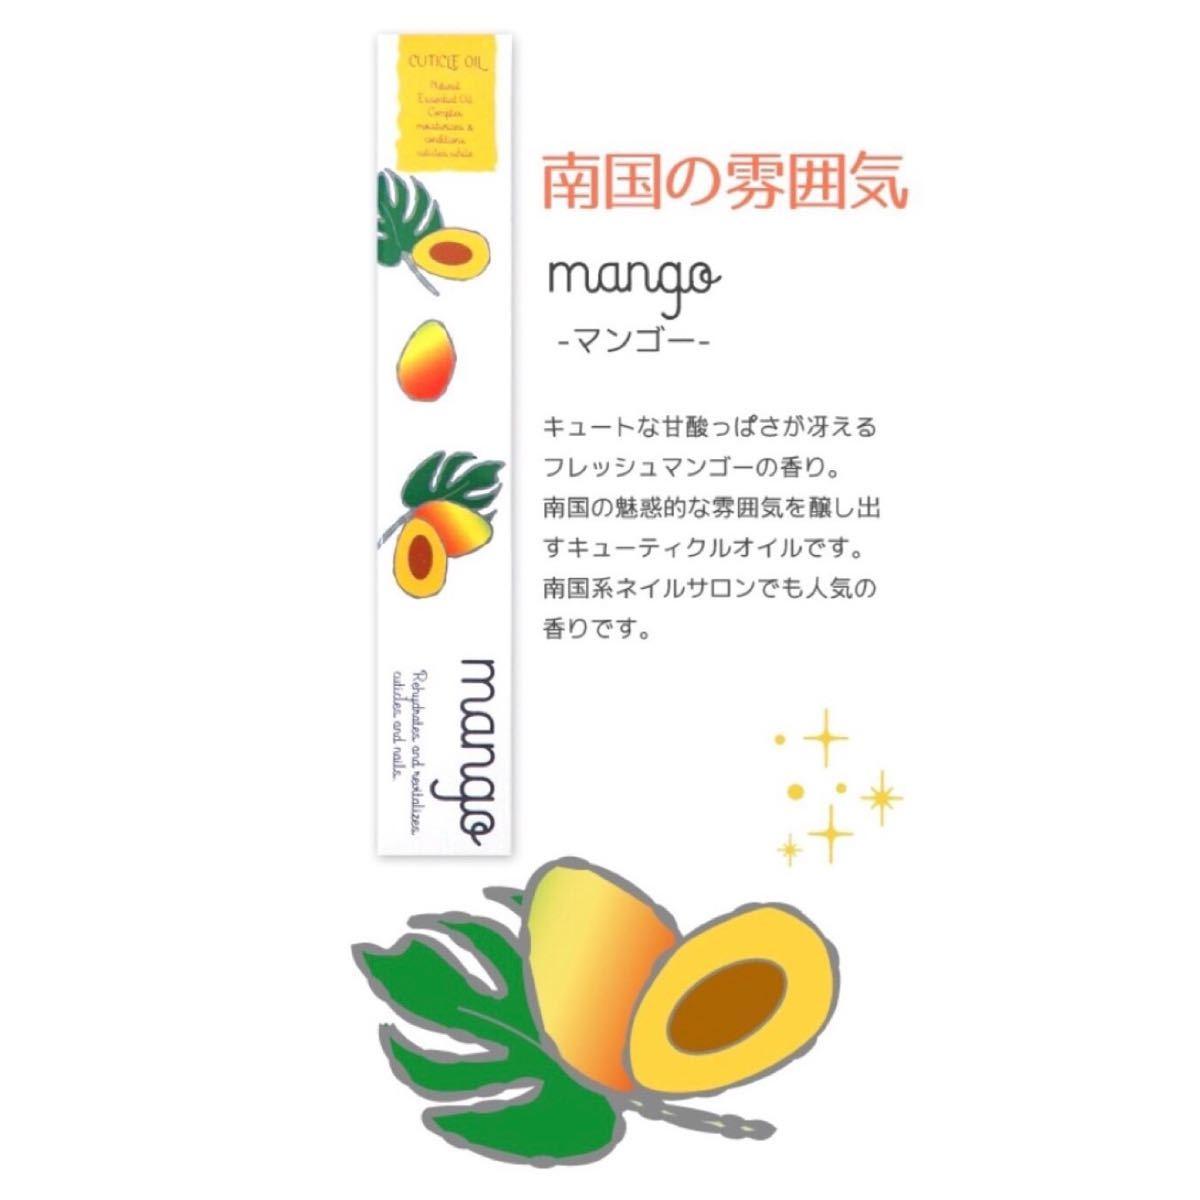 キューティクルオイル☆マンゴー&バニラ